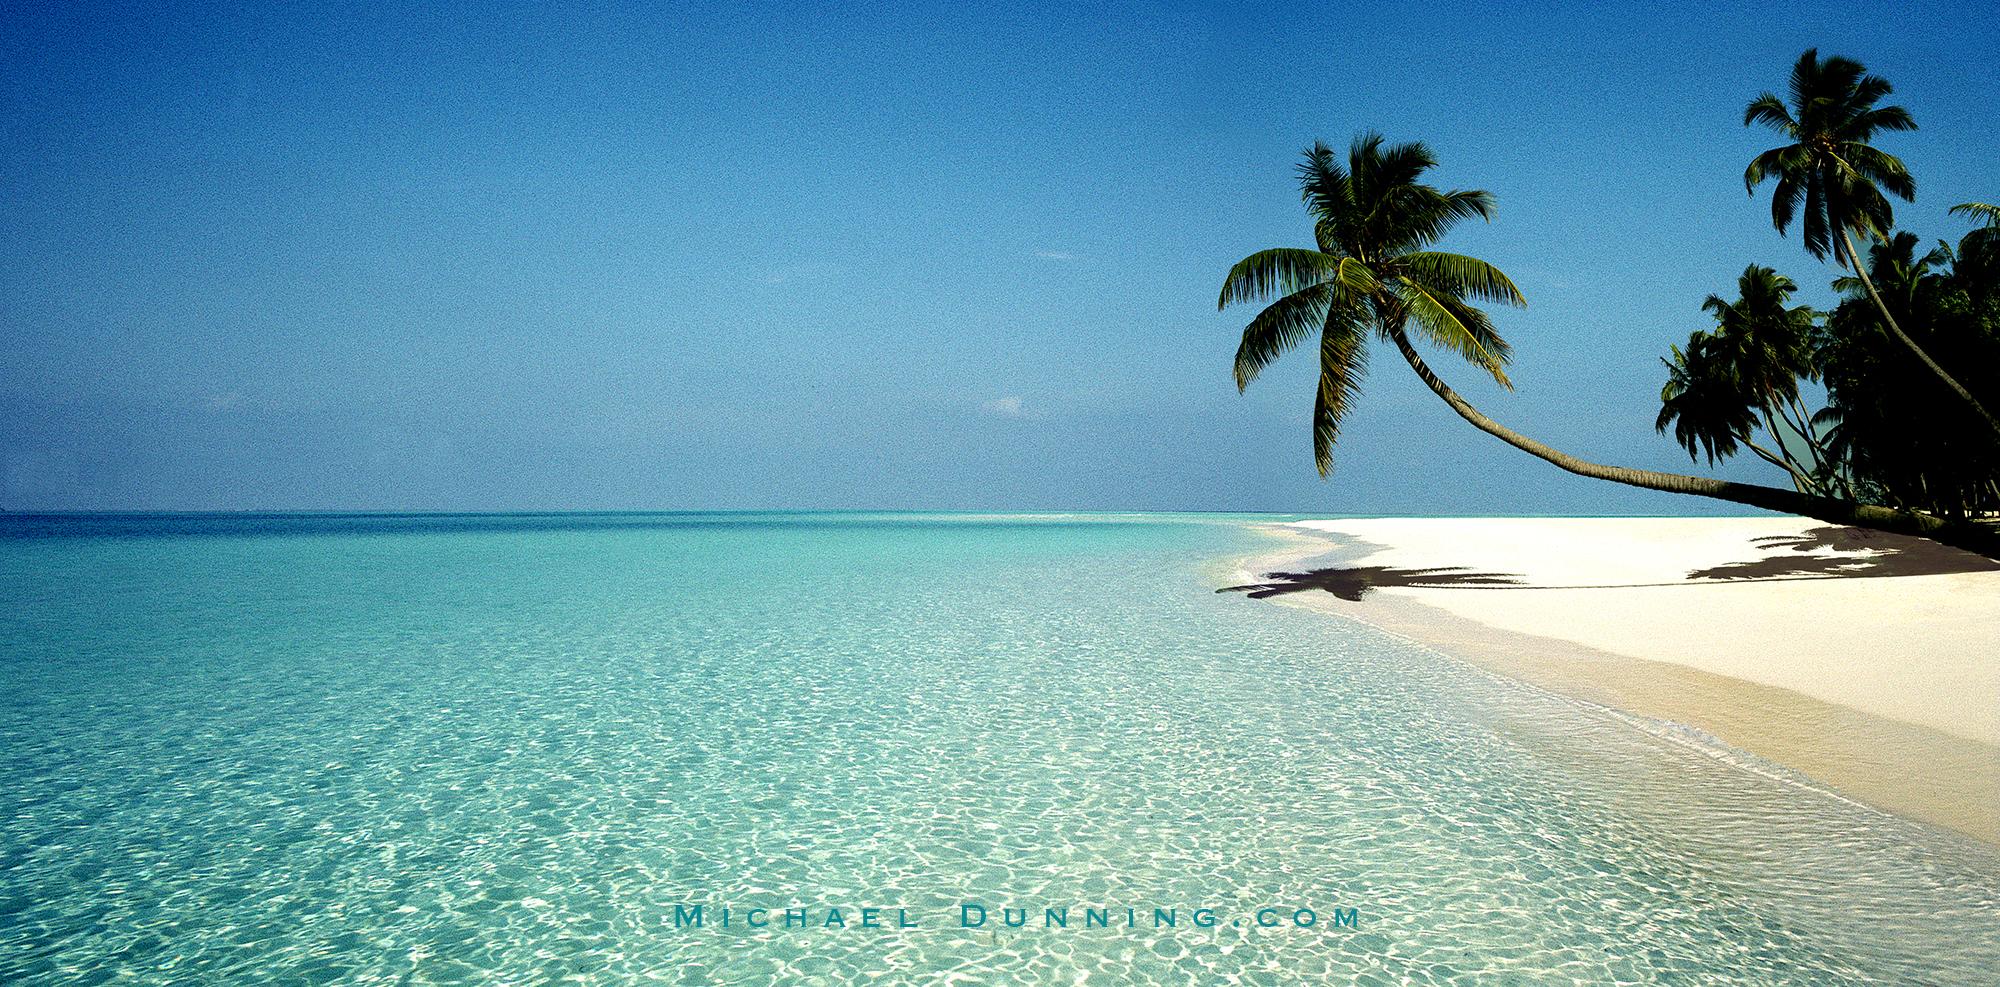 2.The Beach.Maldives.jpg